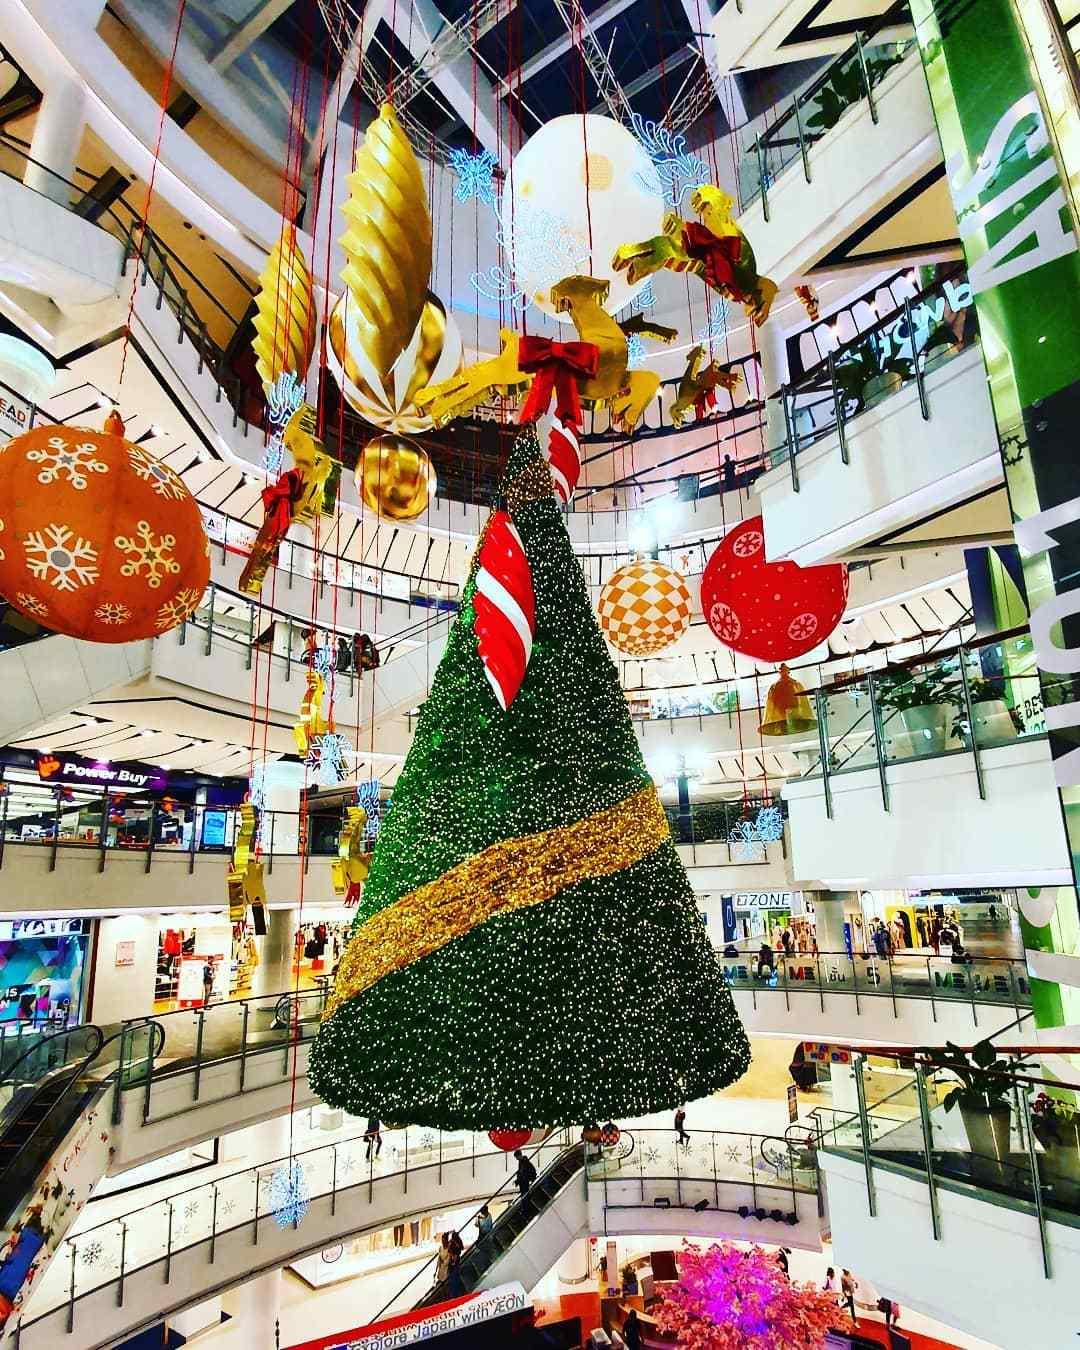 Hangende kerstboom in een winkelcentrum met versiering die ook hangt